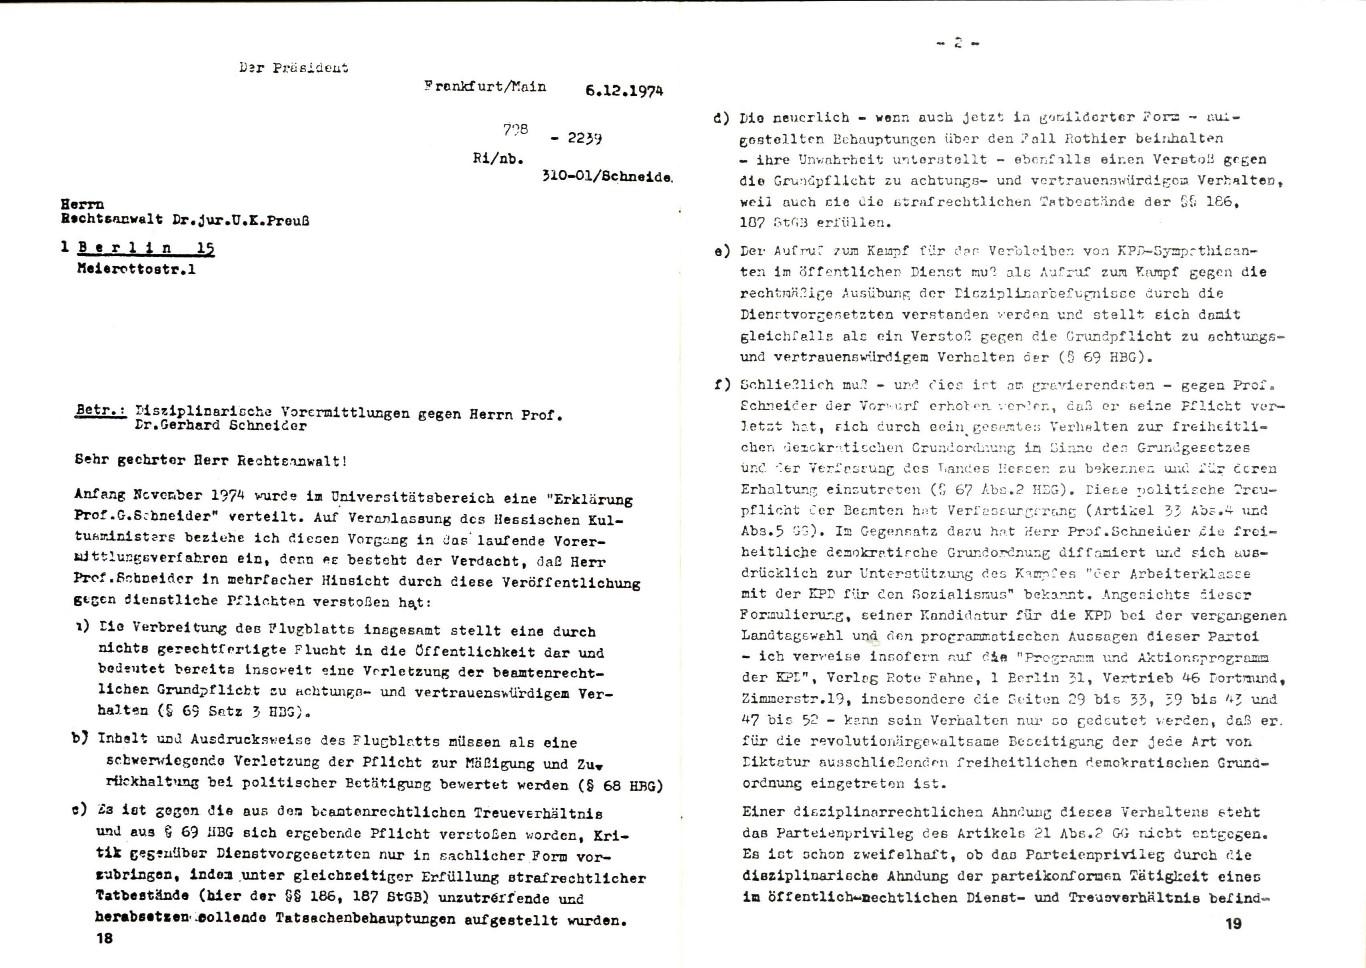 KSV_1975_Scheer_Schneider_Sigrist_10